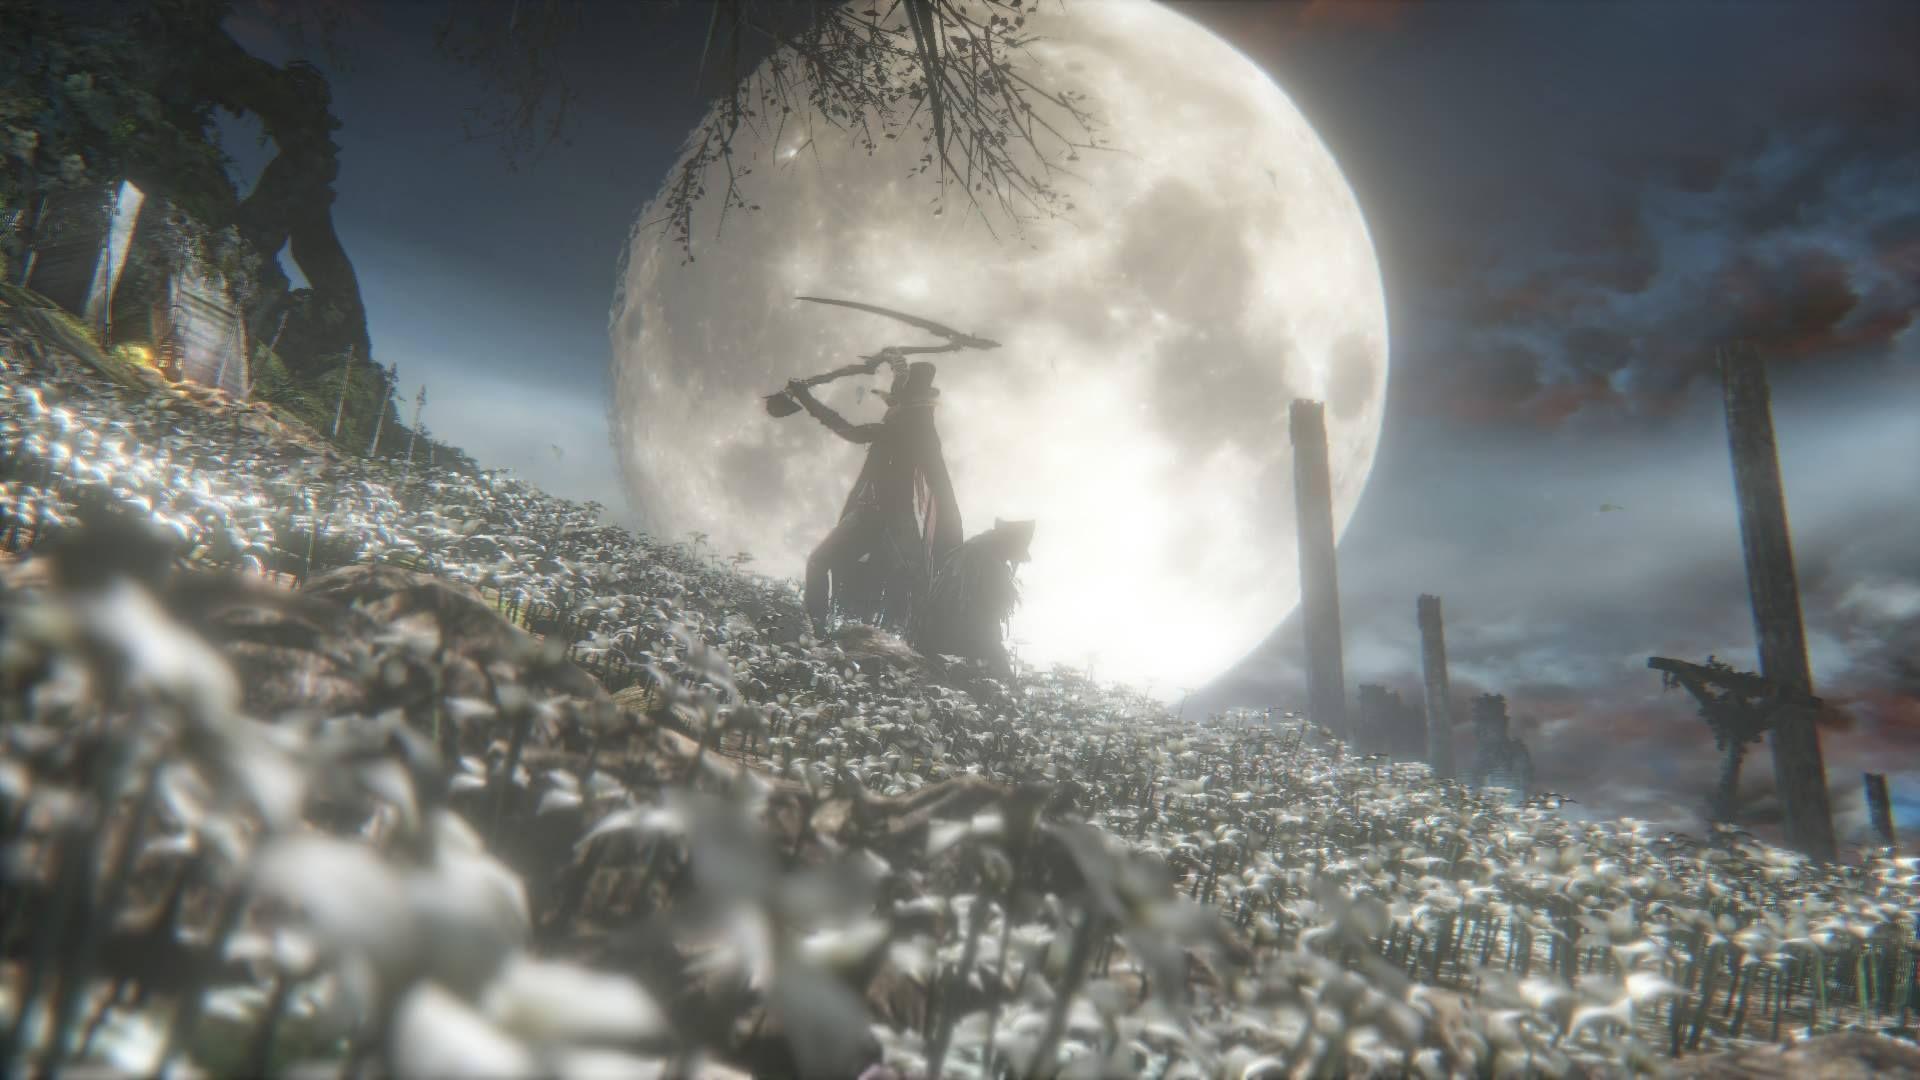 Wake Up [Bloodborne Spoilers] Bloodborne art, Dark